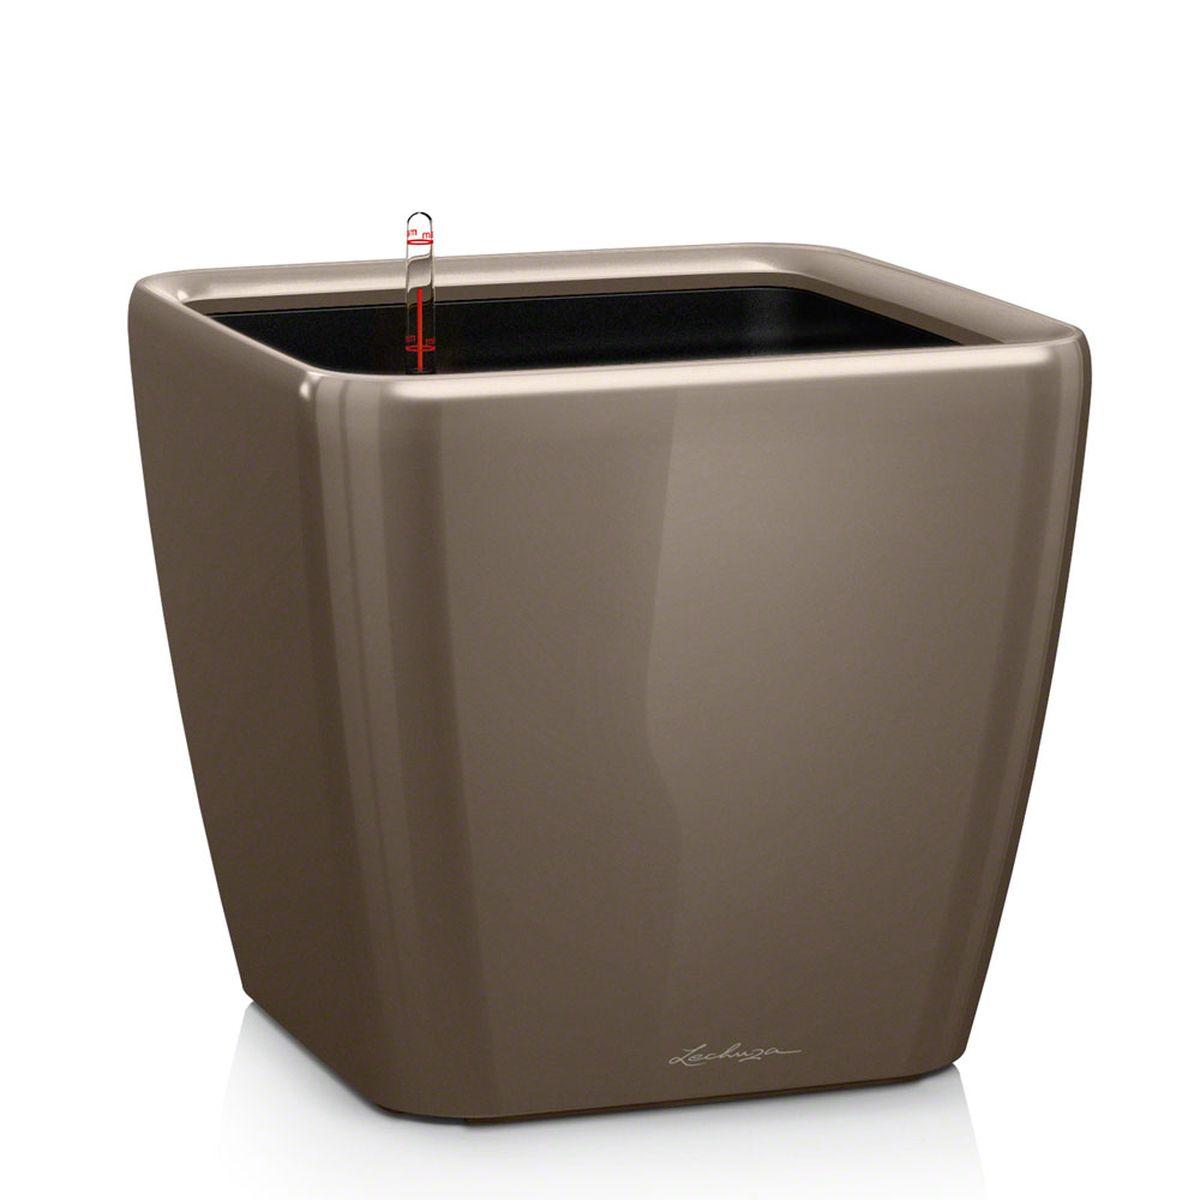 Кашпо Lechuza Quadro, с системой автополива, цвет: серо-коричневый, 21 х 21 х 20 см212-4Кашпо Lechuza Quadro, выполненное из высококачественного пластика, имеет уникальную систему автополива, благодаря которой корневая система растения непрерывно снабжается влагой из резервуара. Уровень воды в резервуаре контролируется с помощью специального индикатора. В зависимости от размера кашпо и растения воды хватает на 2-12 недель. Это способствует хорошему росту цветов и предотвращает переувлажнение.В набор входит: кашпо, внутренний горшок с выдвижной эргономичной ручкой, индикатор уровня воды, вал подачи воды, субстрат растений в качестве дренажного слоя, резервуар для воды.Кашпо Lechuza Quadro прекрасно впишется в любой интерьер. Оно поможет расставить нужные акценты, а также придаст помещению вид, соответствующий вашим представлениям.